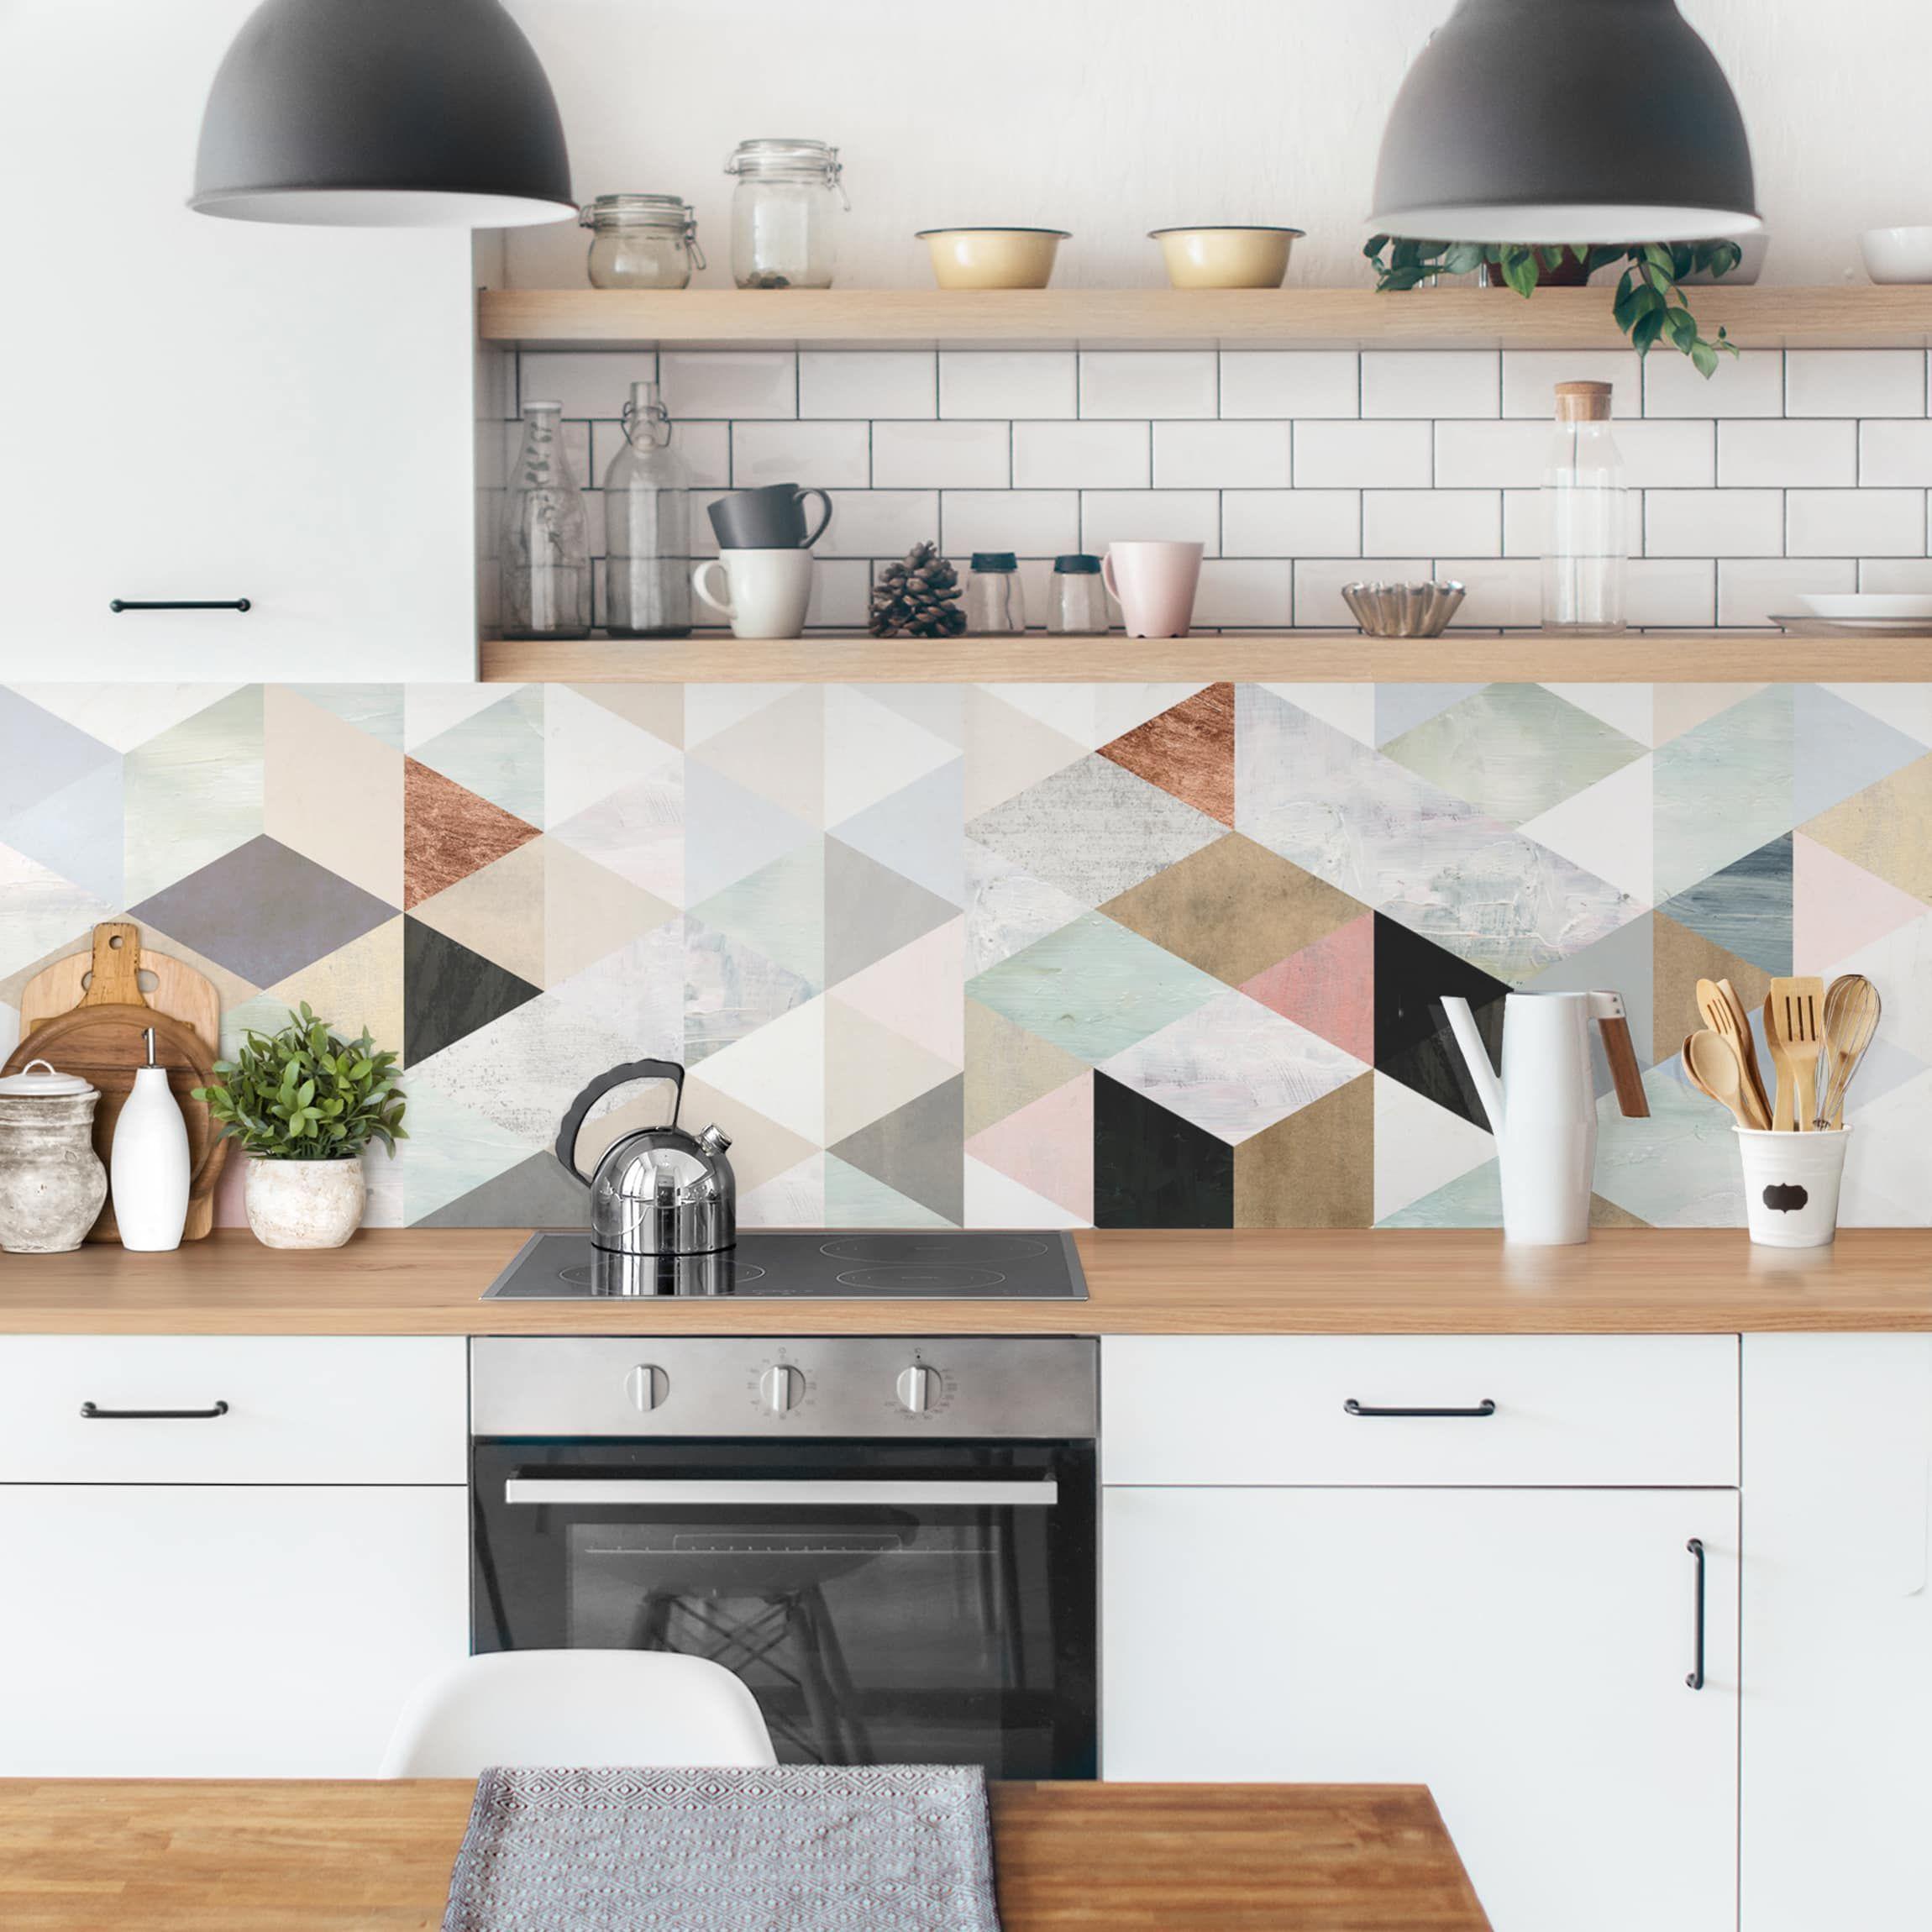 Kuchenruckwand Aquarell Mosaik Mit Dreiecken I Innenarchitektur Kuche Fliesenaufkleber Kuche Wandfliesen Kuche